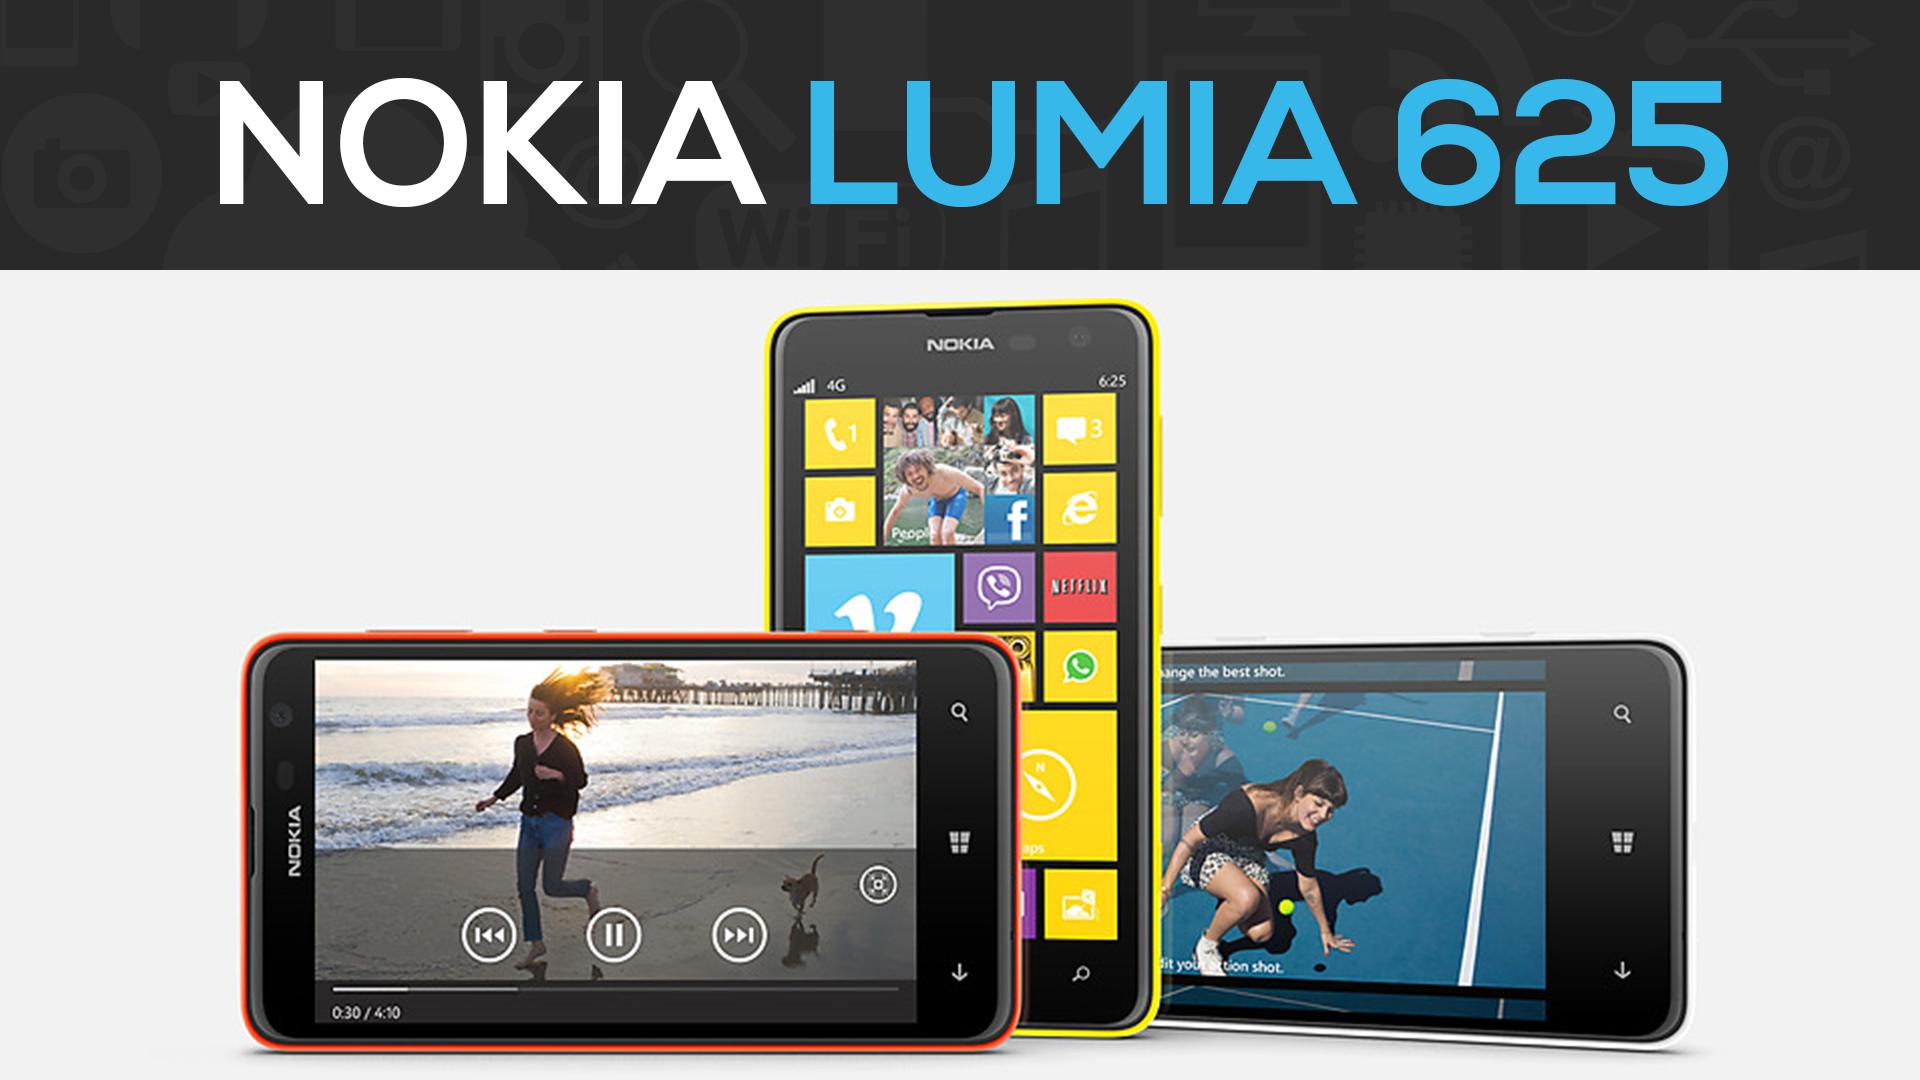 thunbnail nokia lumia 625